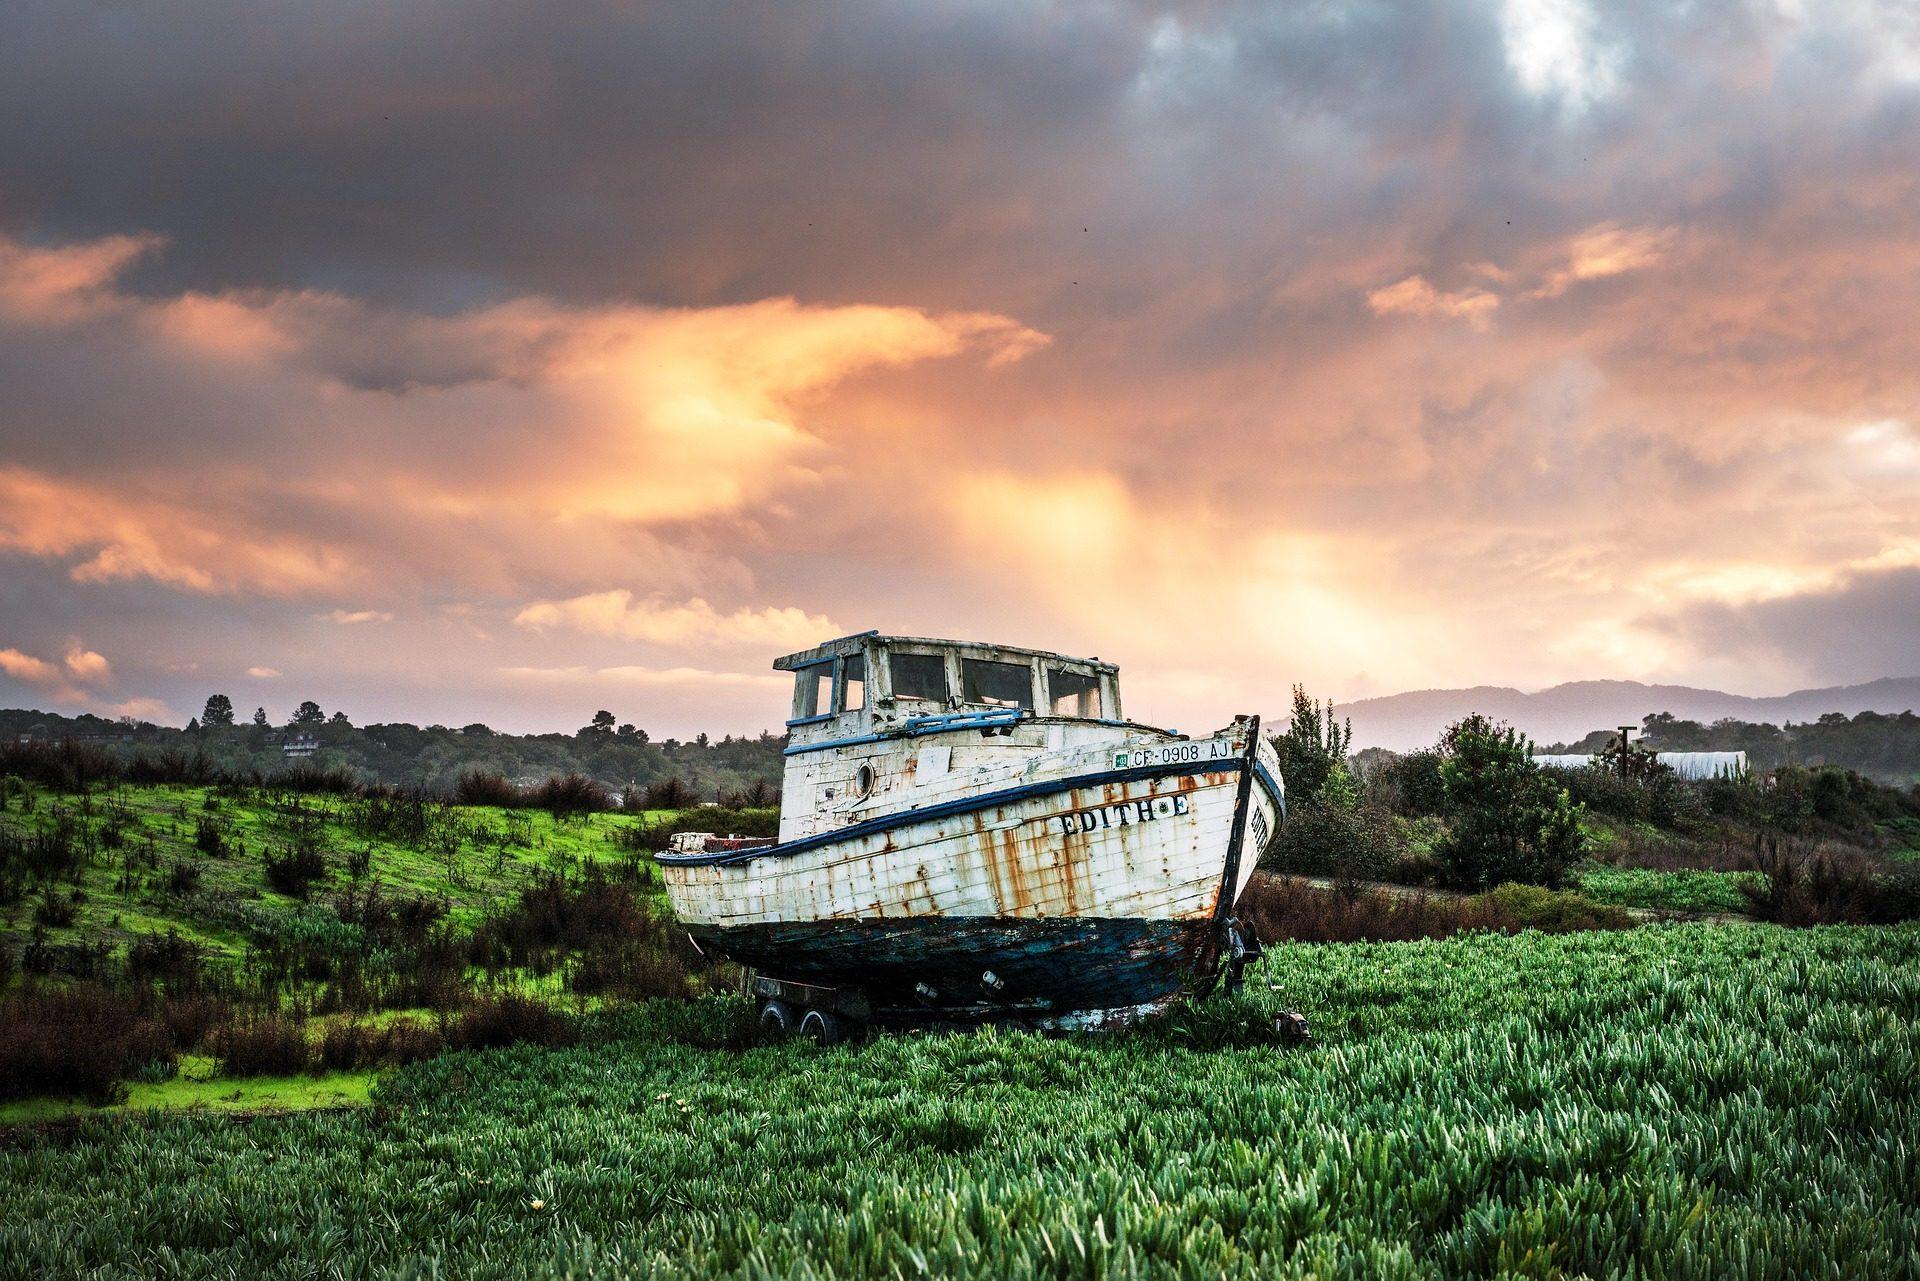 barco, pesca, Рыбалка, Б�лодка�а, bote, Небо, поле, облака - Обои HD - Профессор falken.com